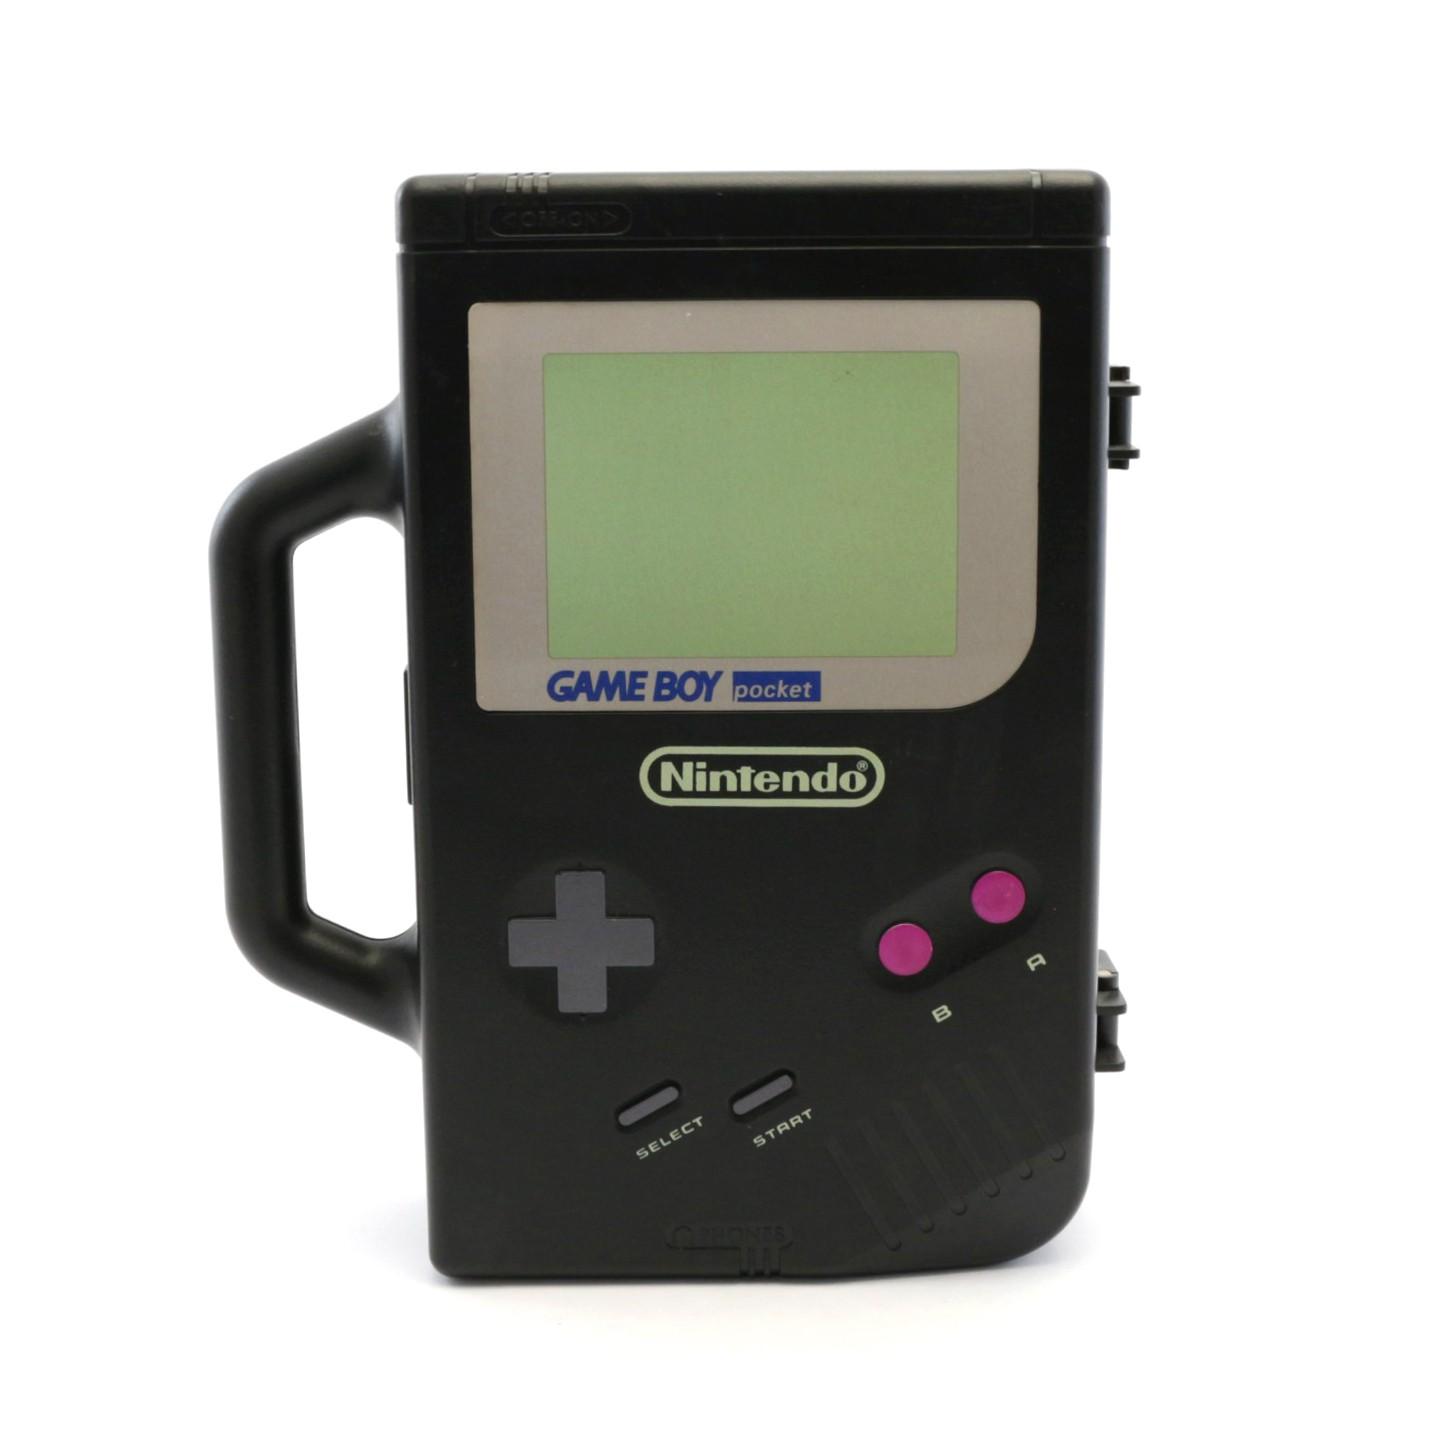 official bag / bag / Hard Case / GB-70 #black [Nintendo]